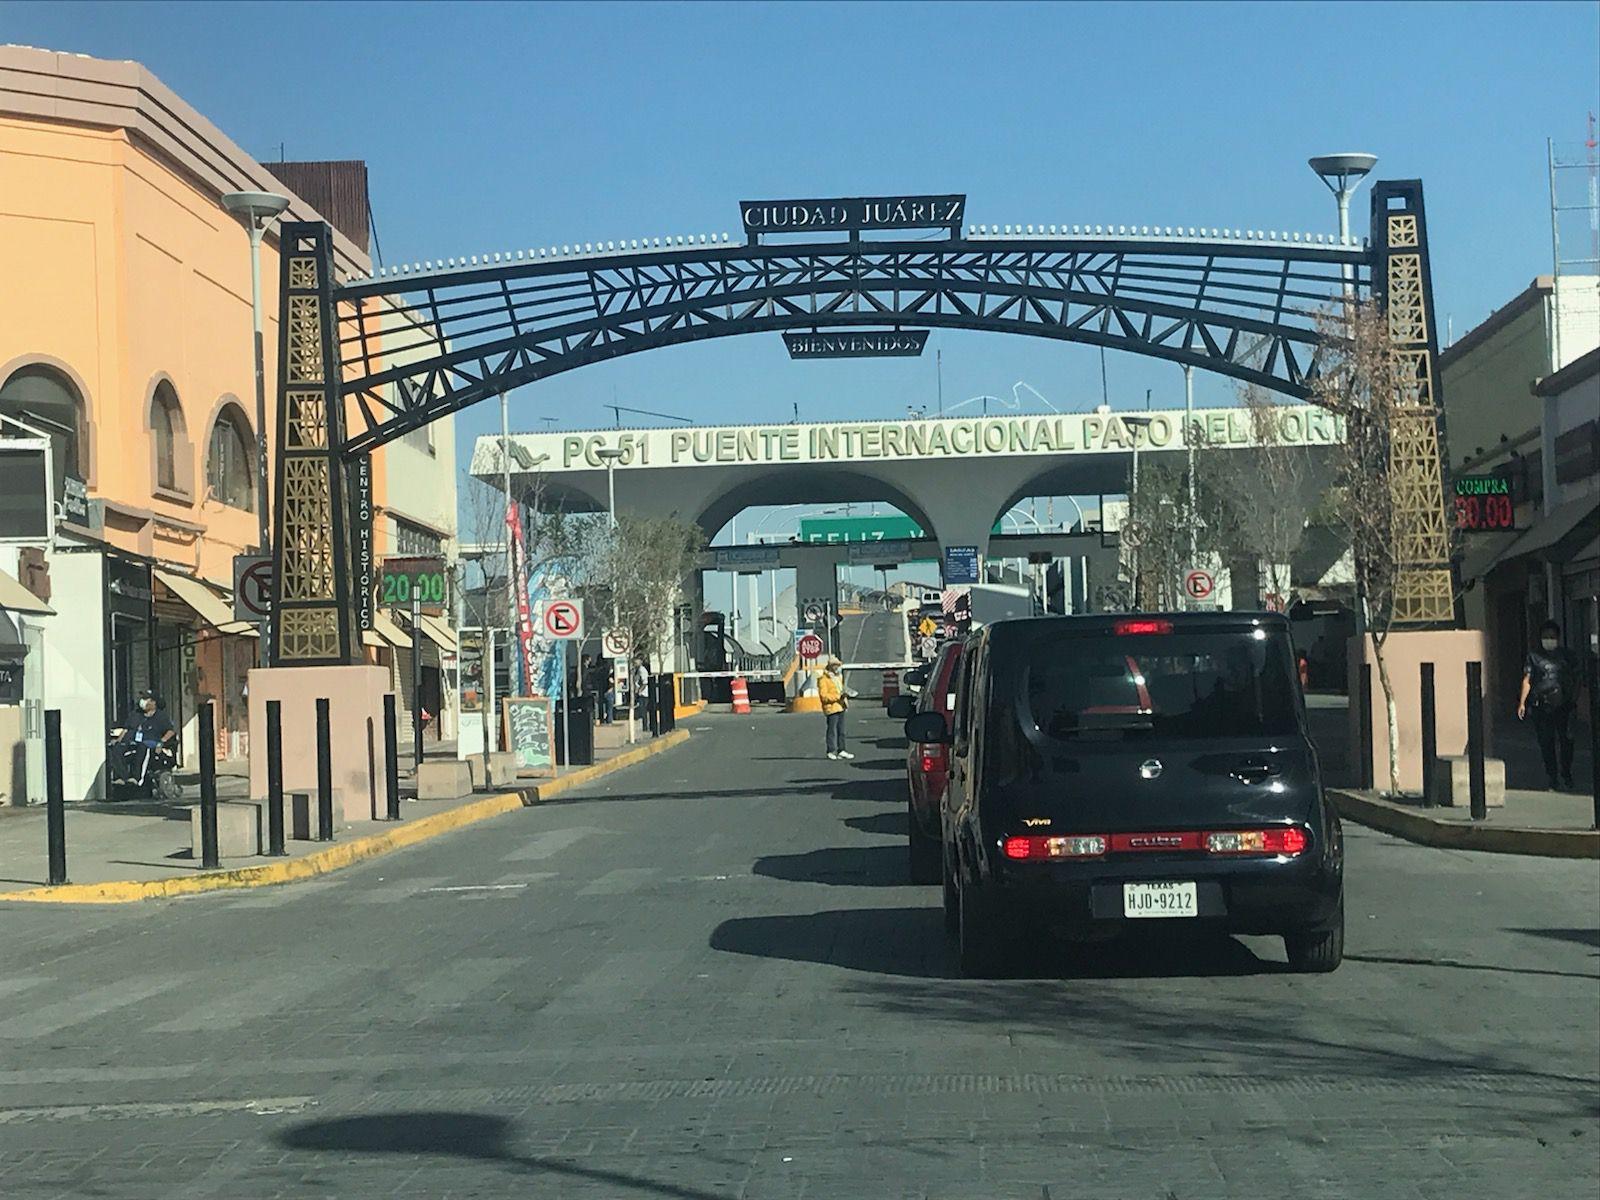 Autos se forman en fila en Ciudad Juárez para cruzar a El Paso, Texas por el Puente Internacional Paso del Norte.